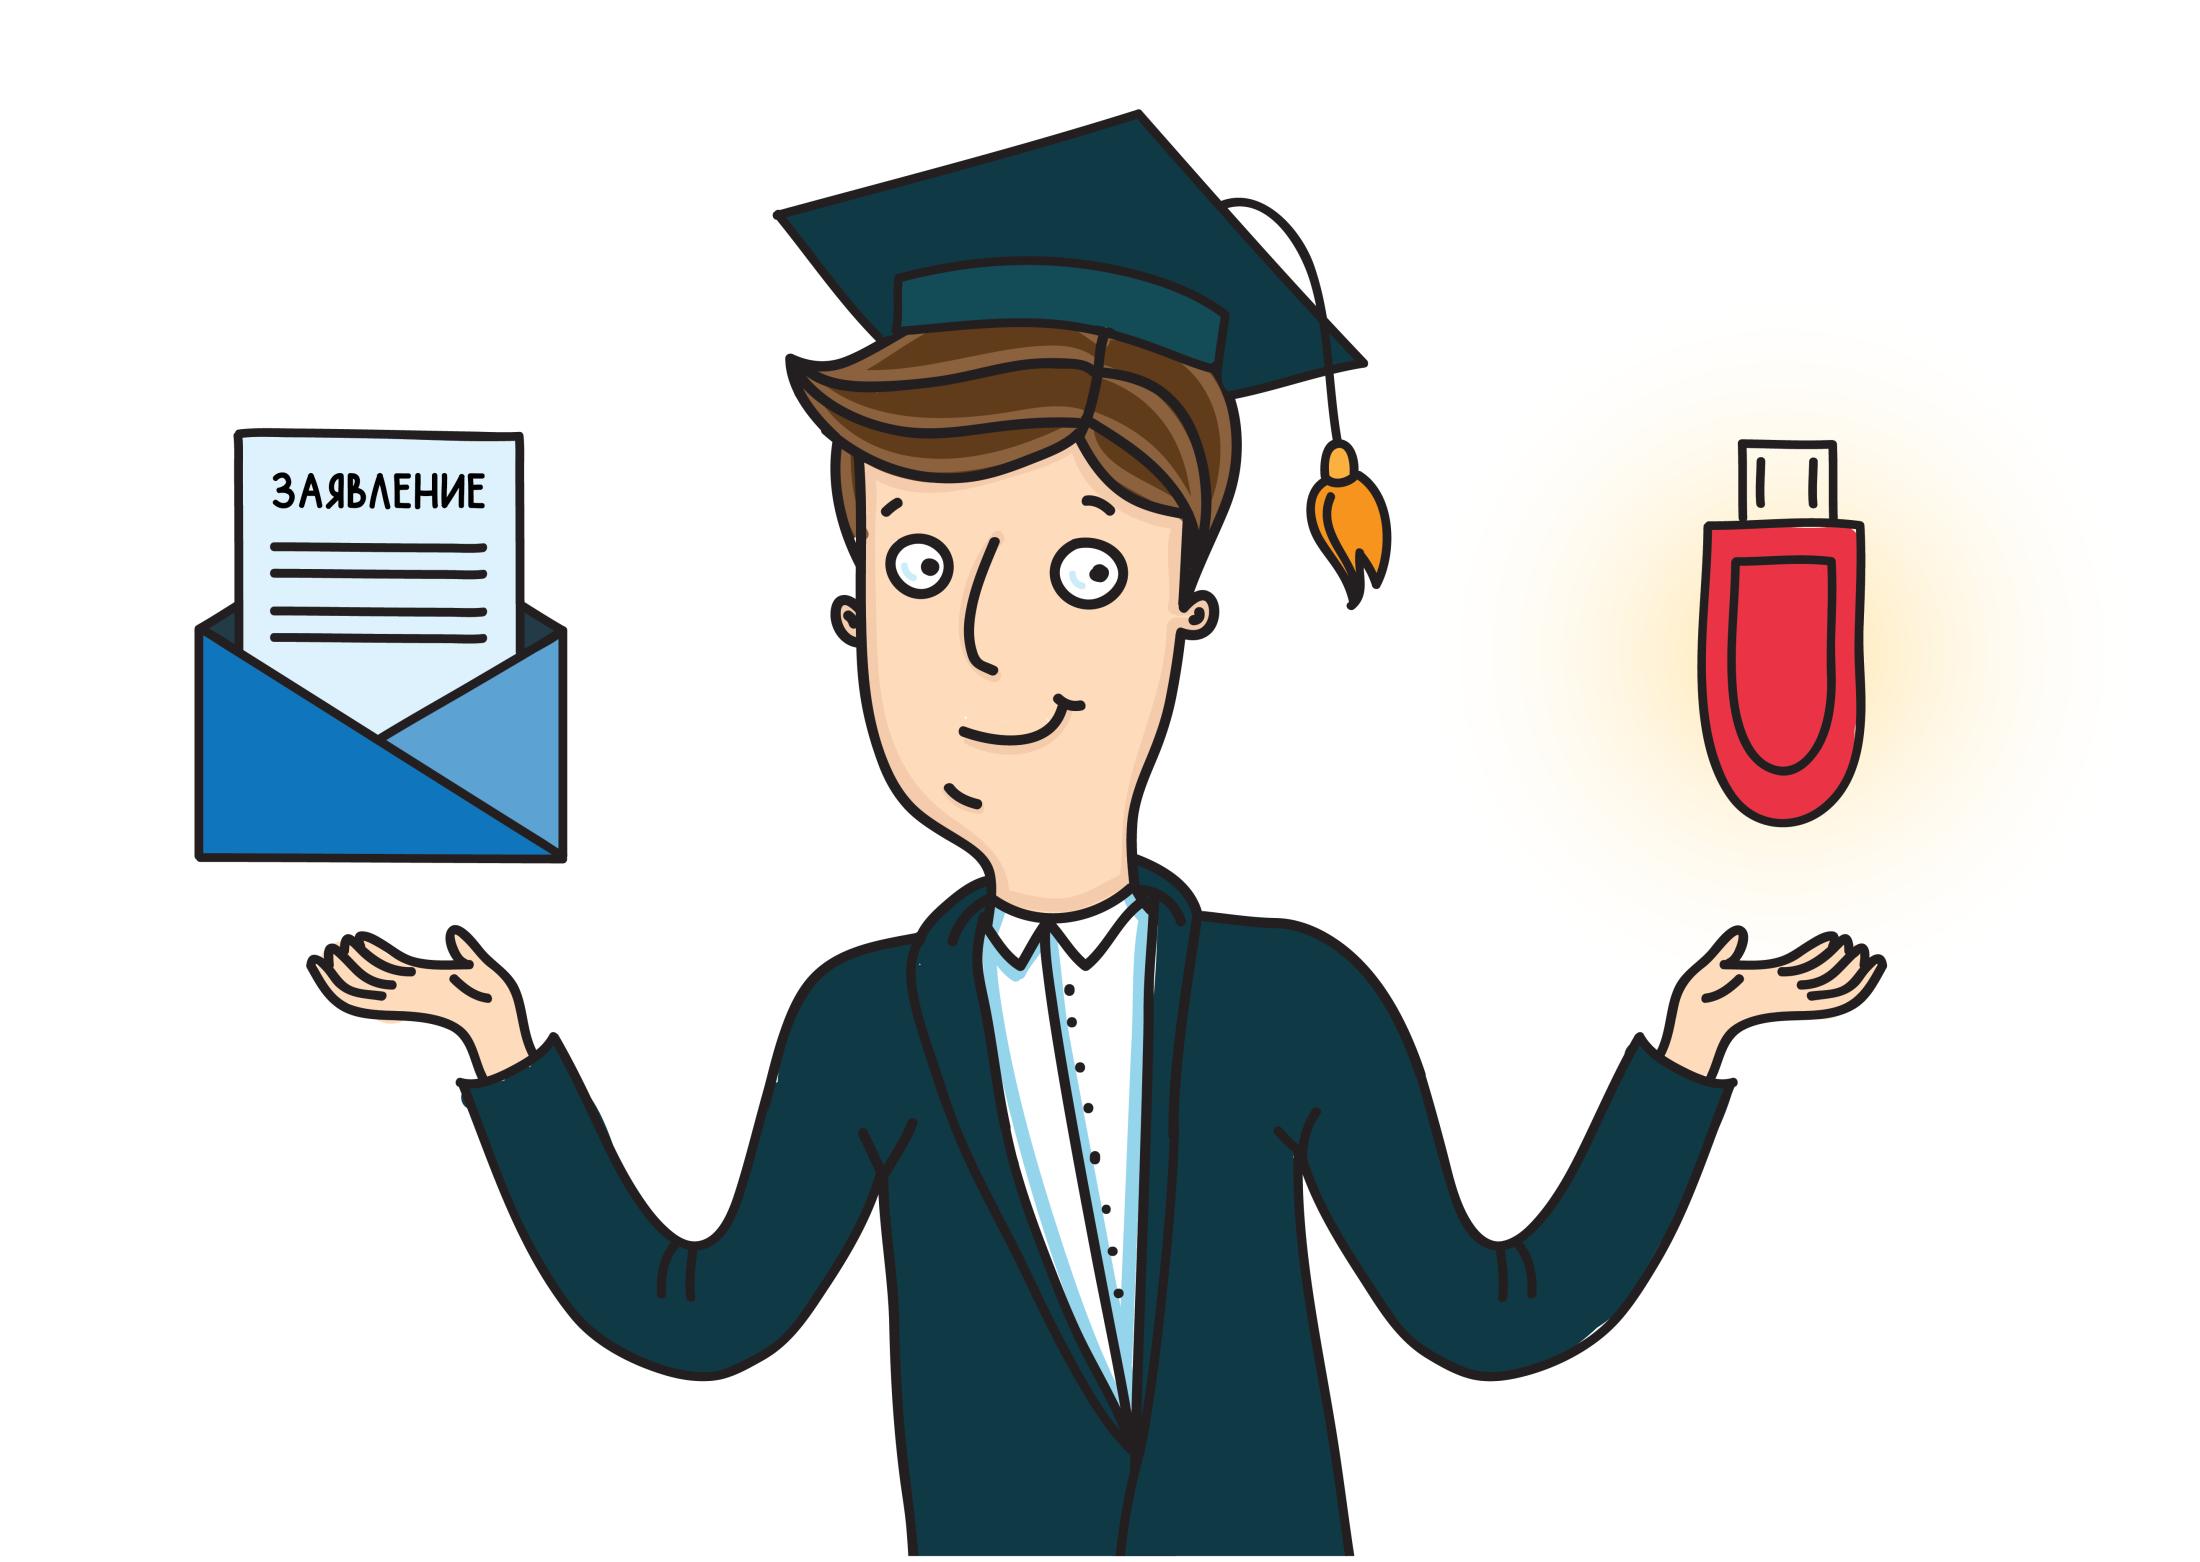 Как подать заявление ввуз спомощью электронной подписи?